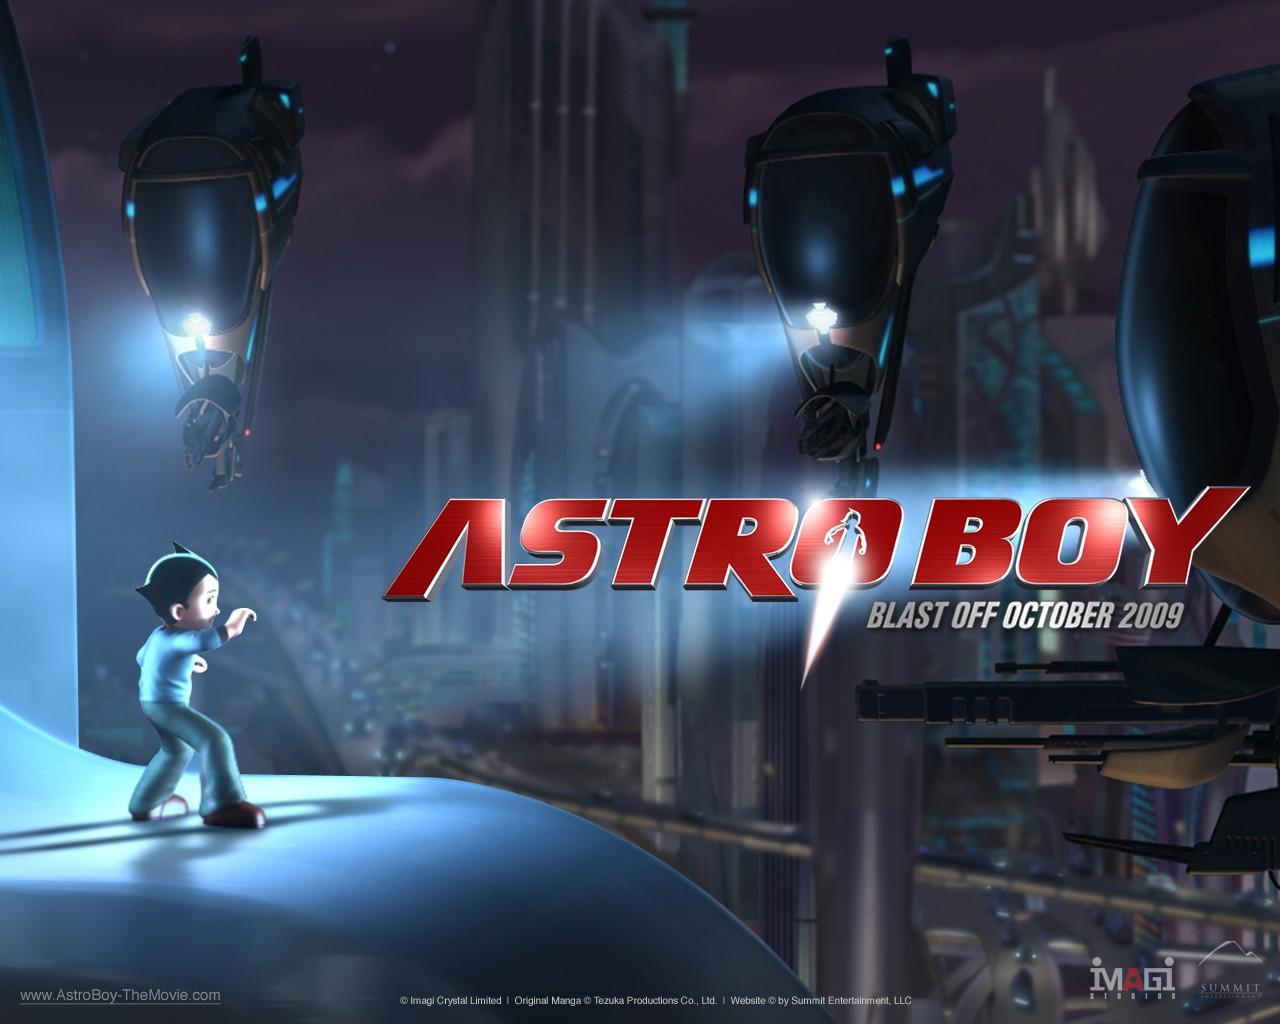 Un wallpaper del film Astro Boy